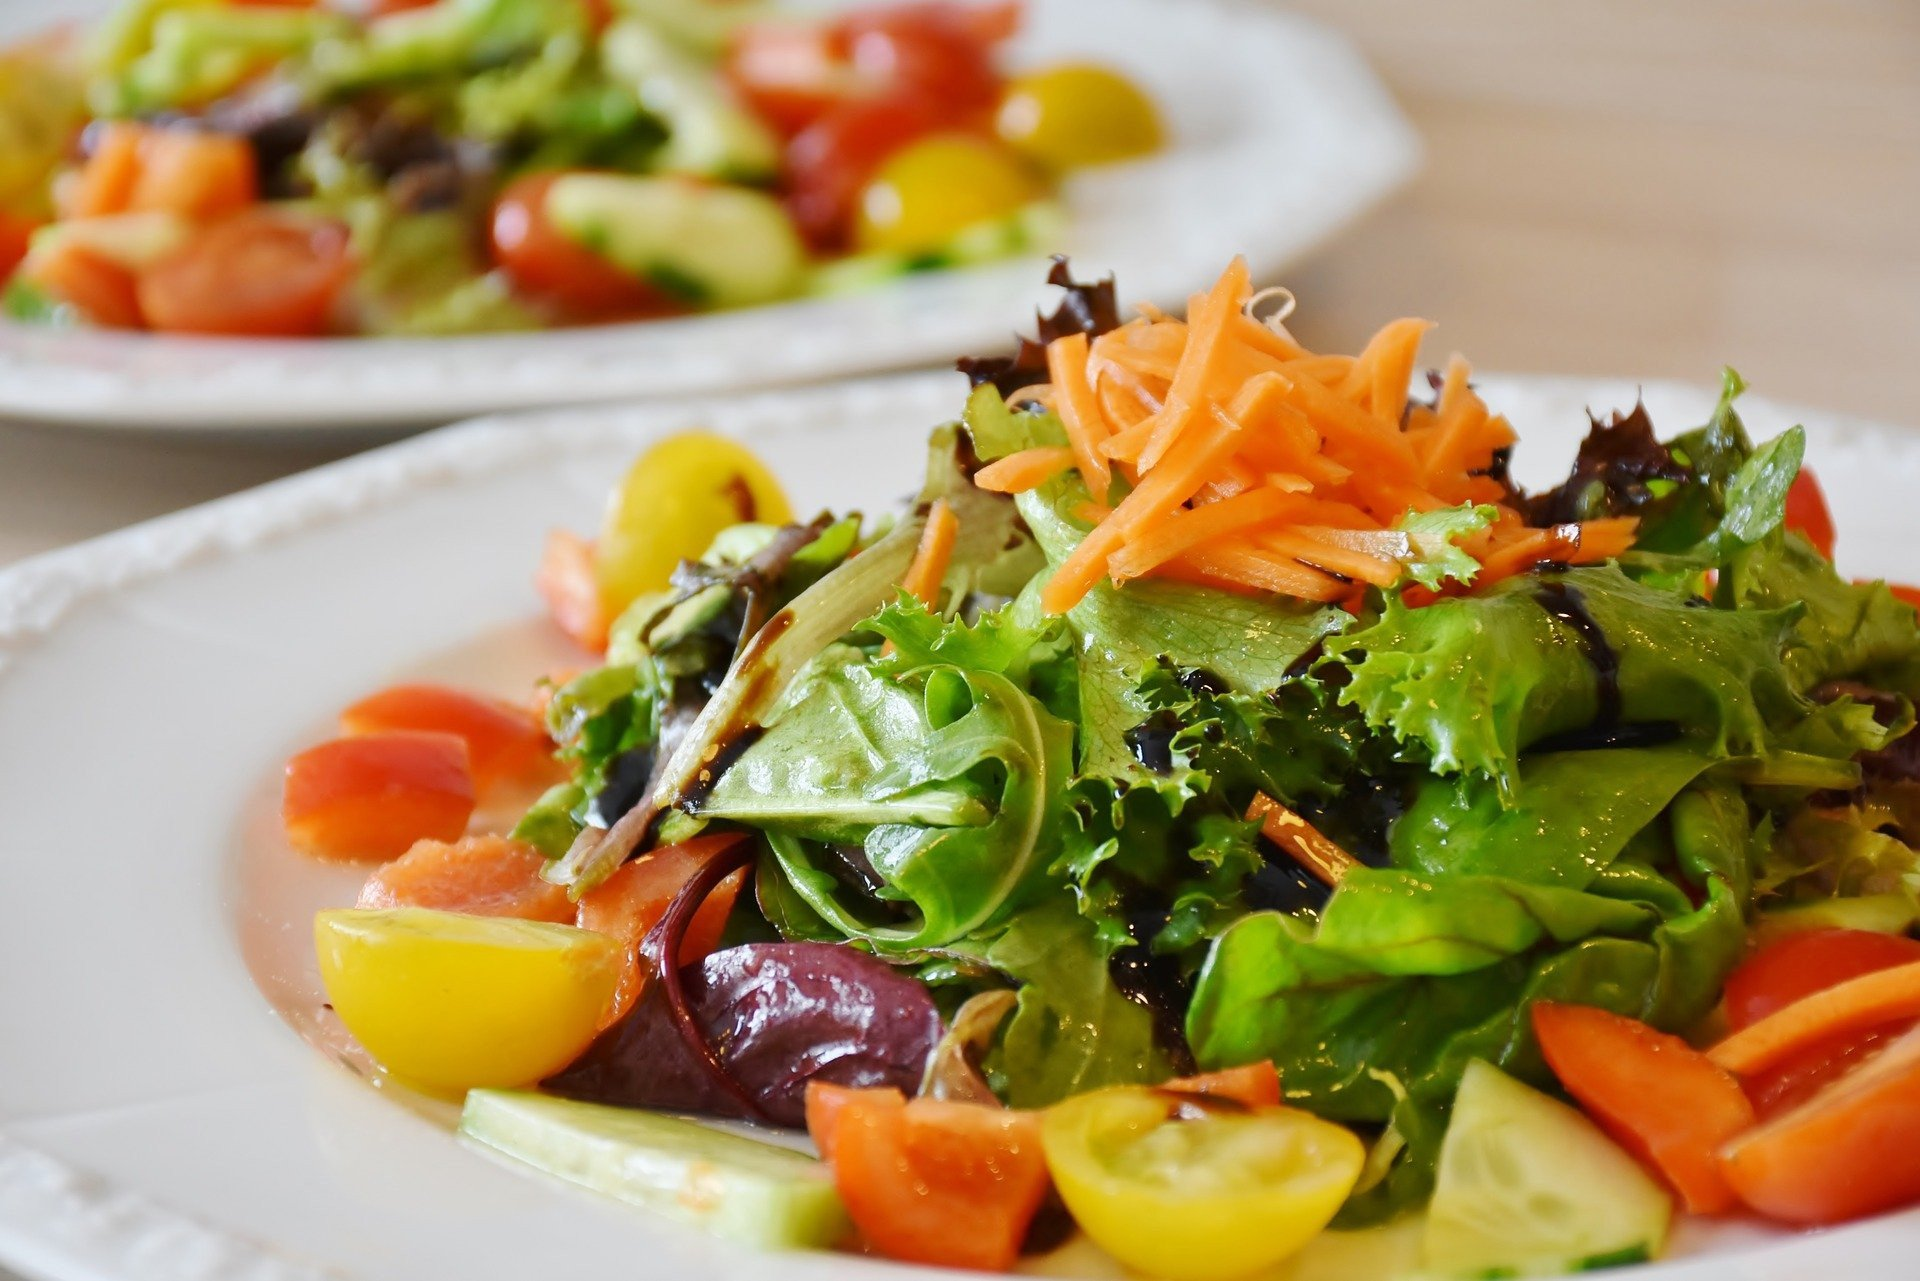 Tengah Malam Lapar, Konsumsi Saja 3 Makanan Sehat Ini - JPNN.com